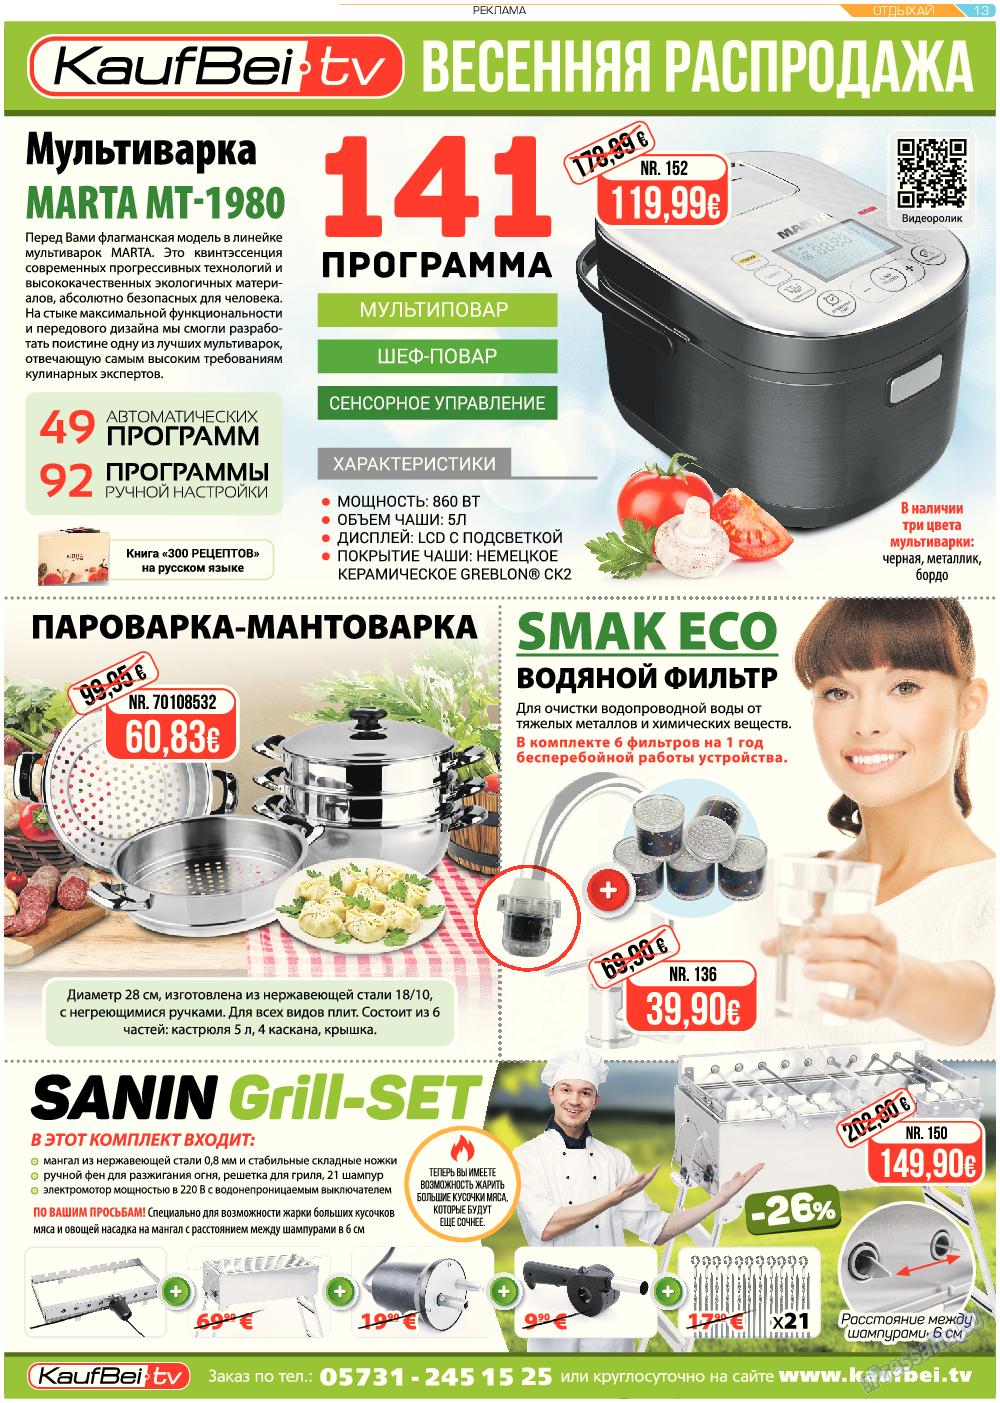 Отдыхай-Купи-продай (газета). 2017 год, номер 3, стр. 13